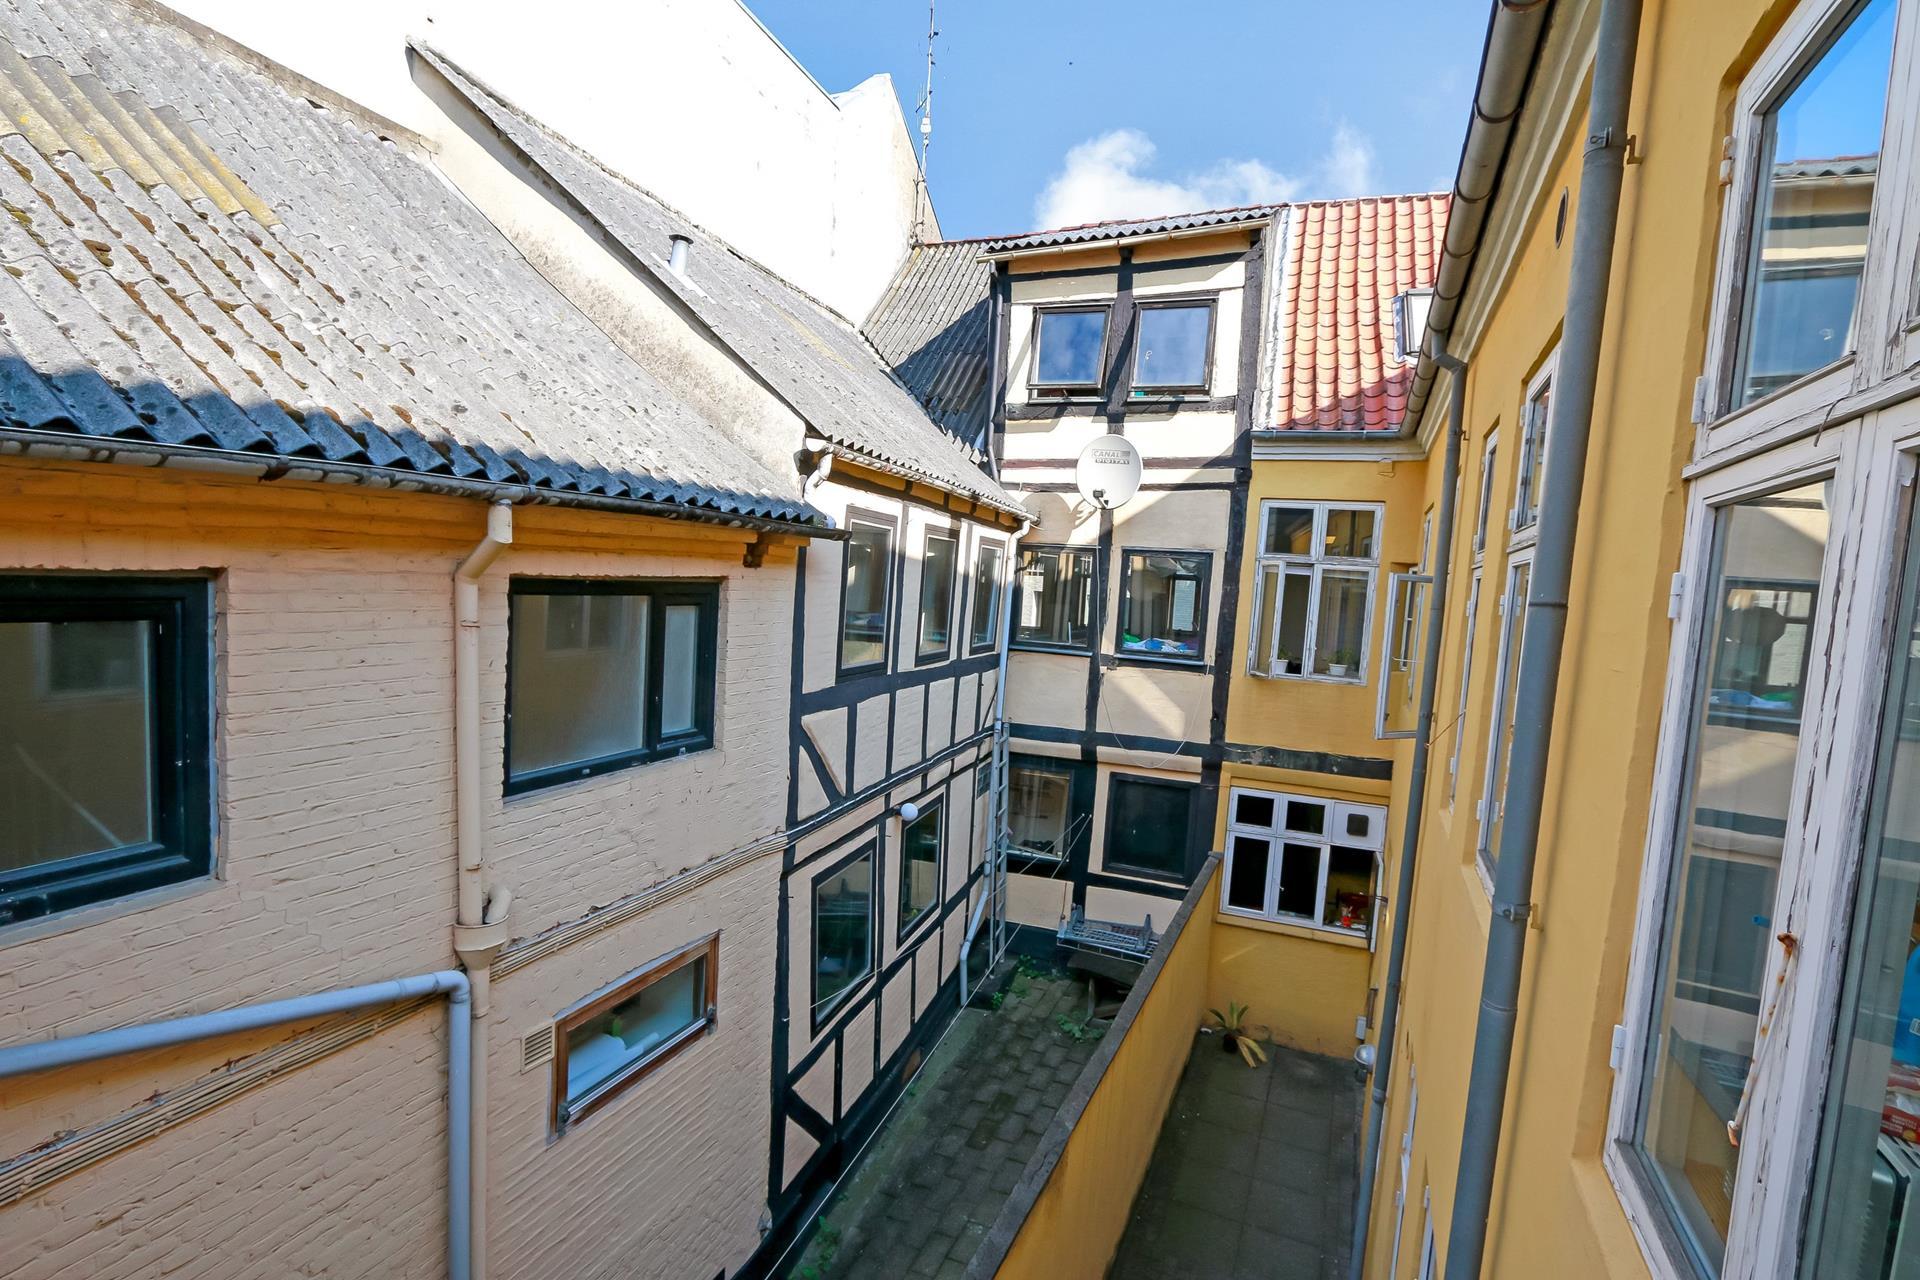 Bolig/erhverv på Brogade i Svendborg - Ejendommen